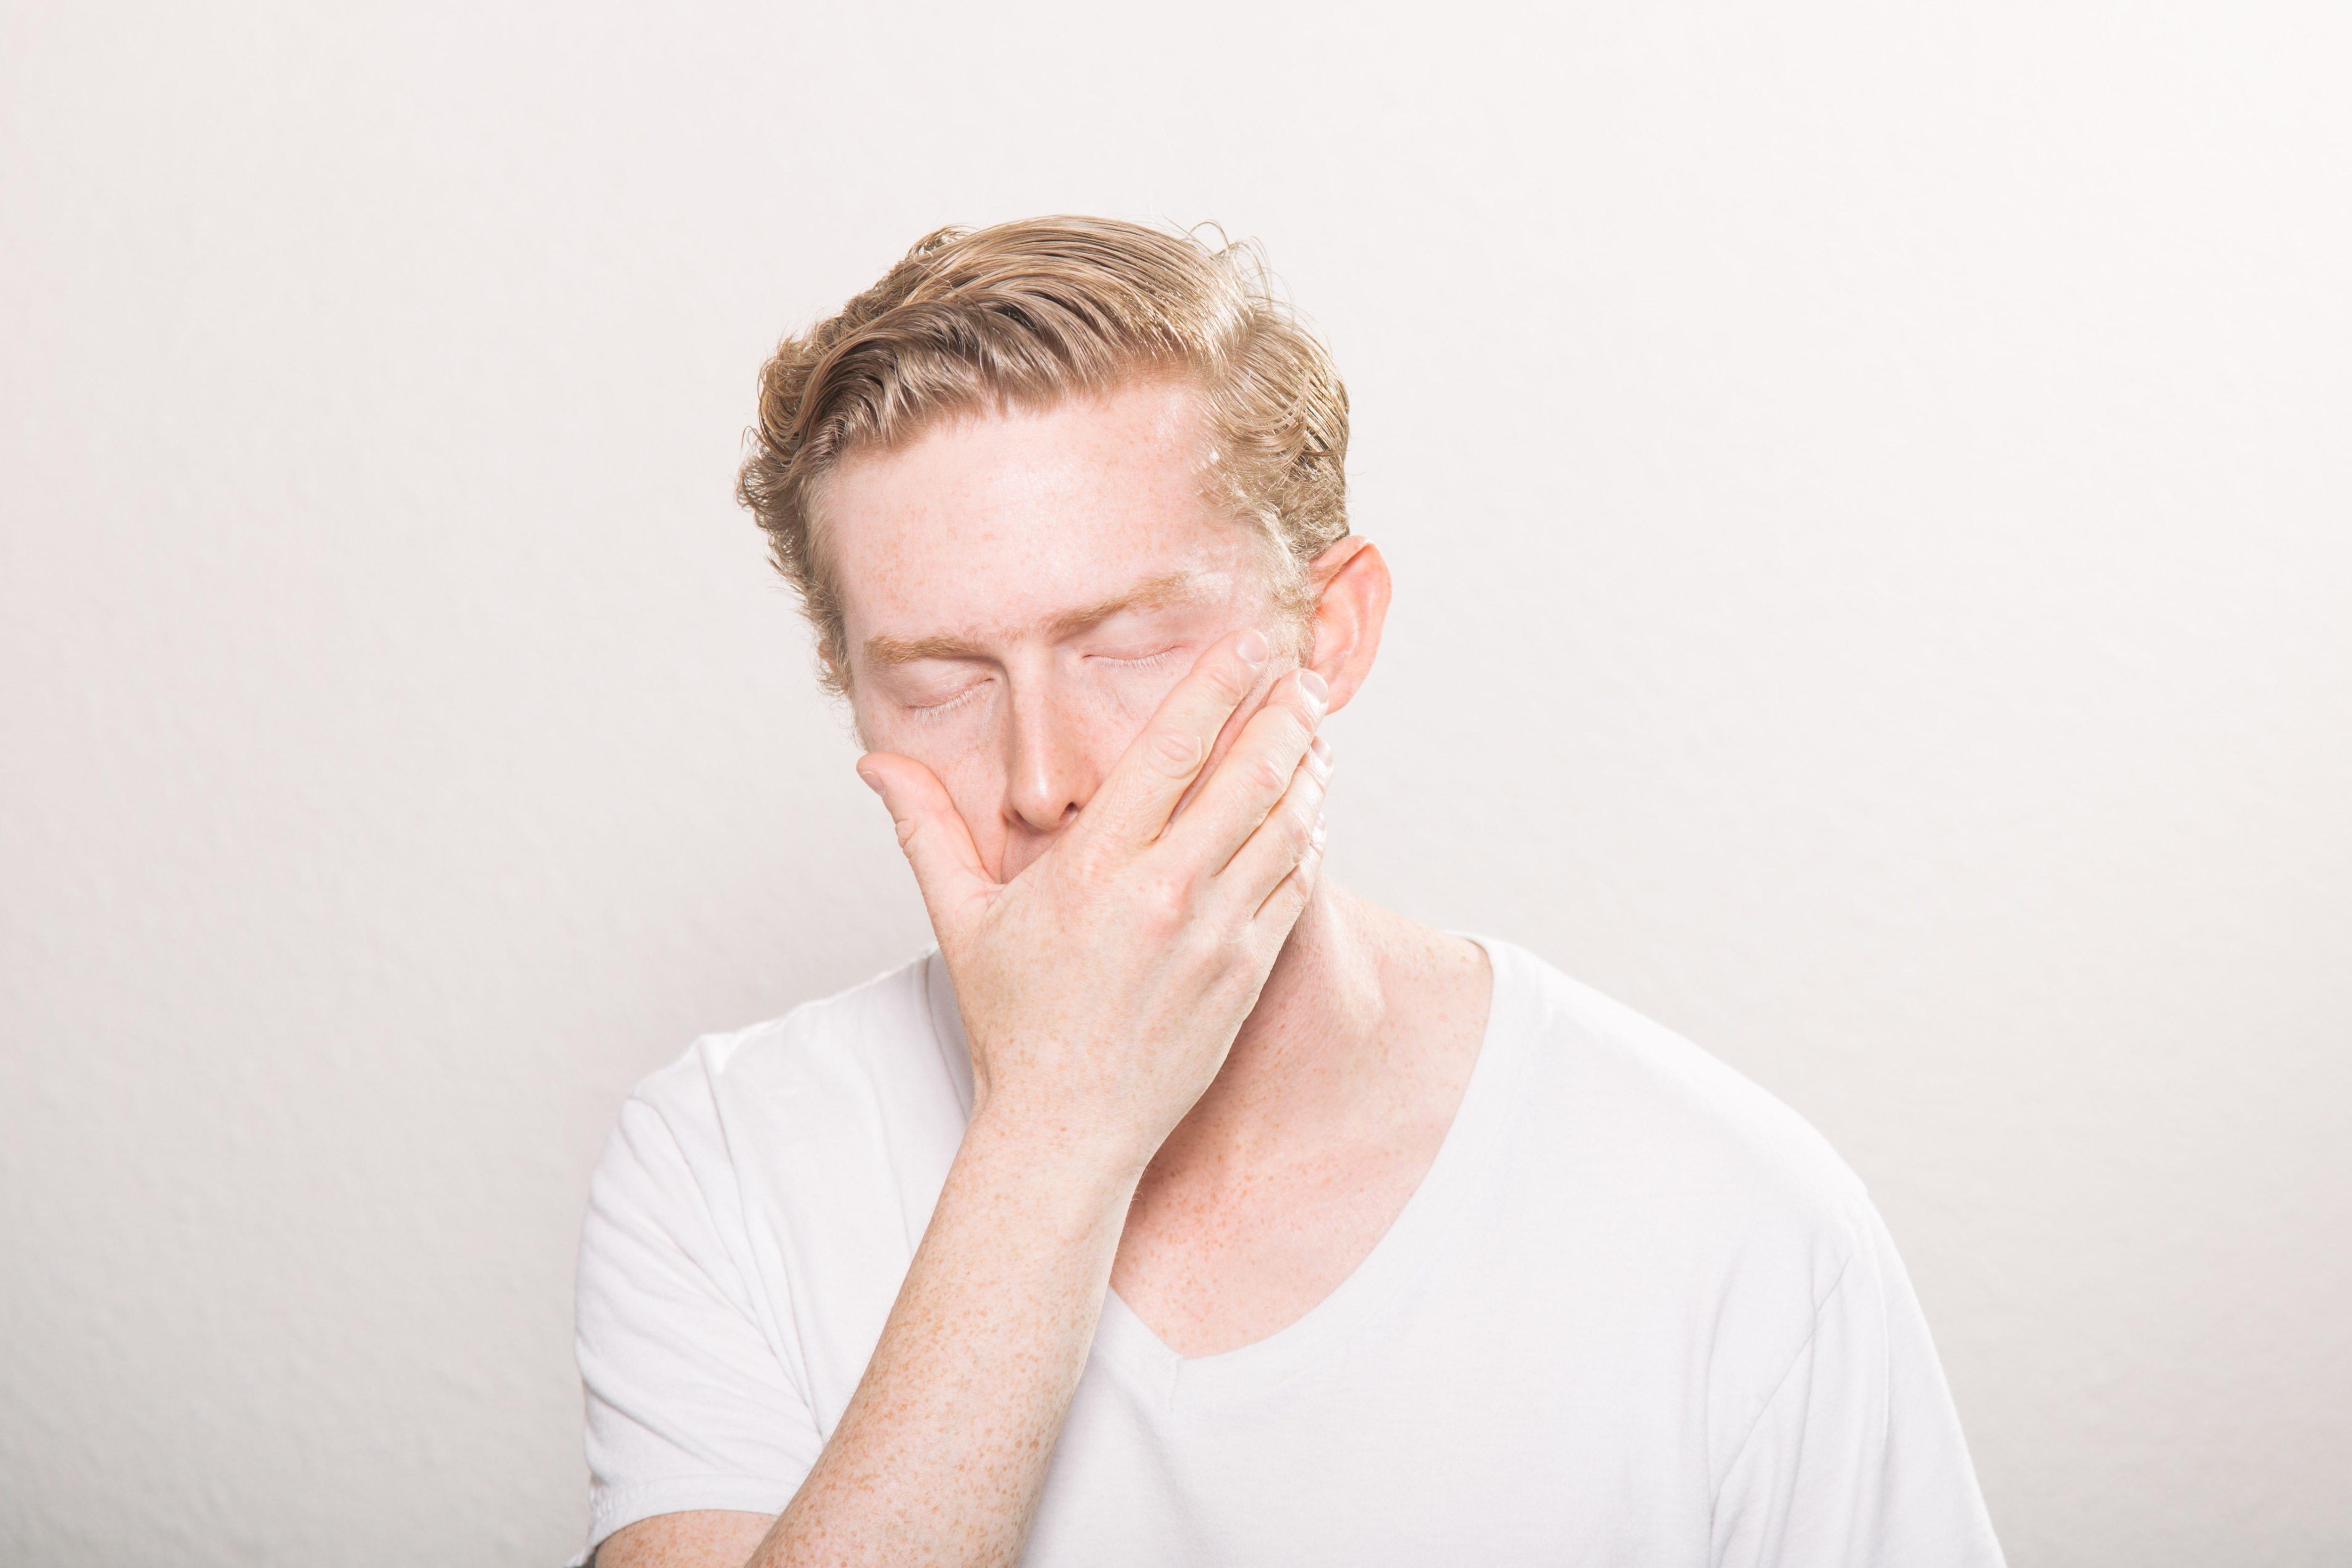 口を抑える男性